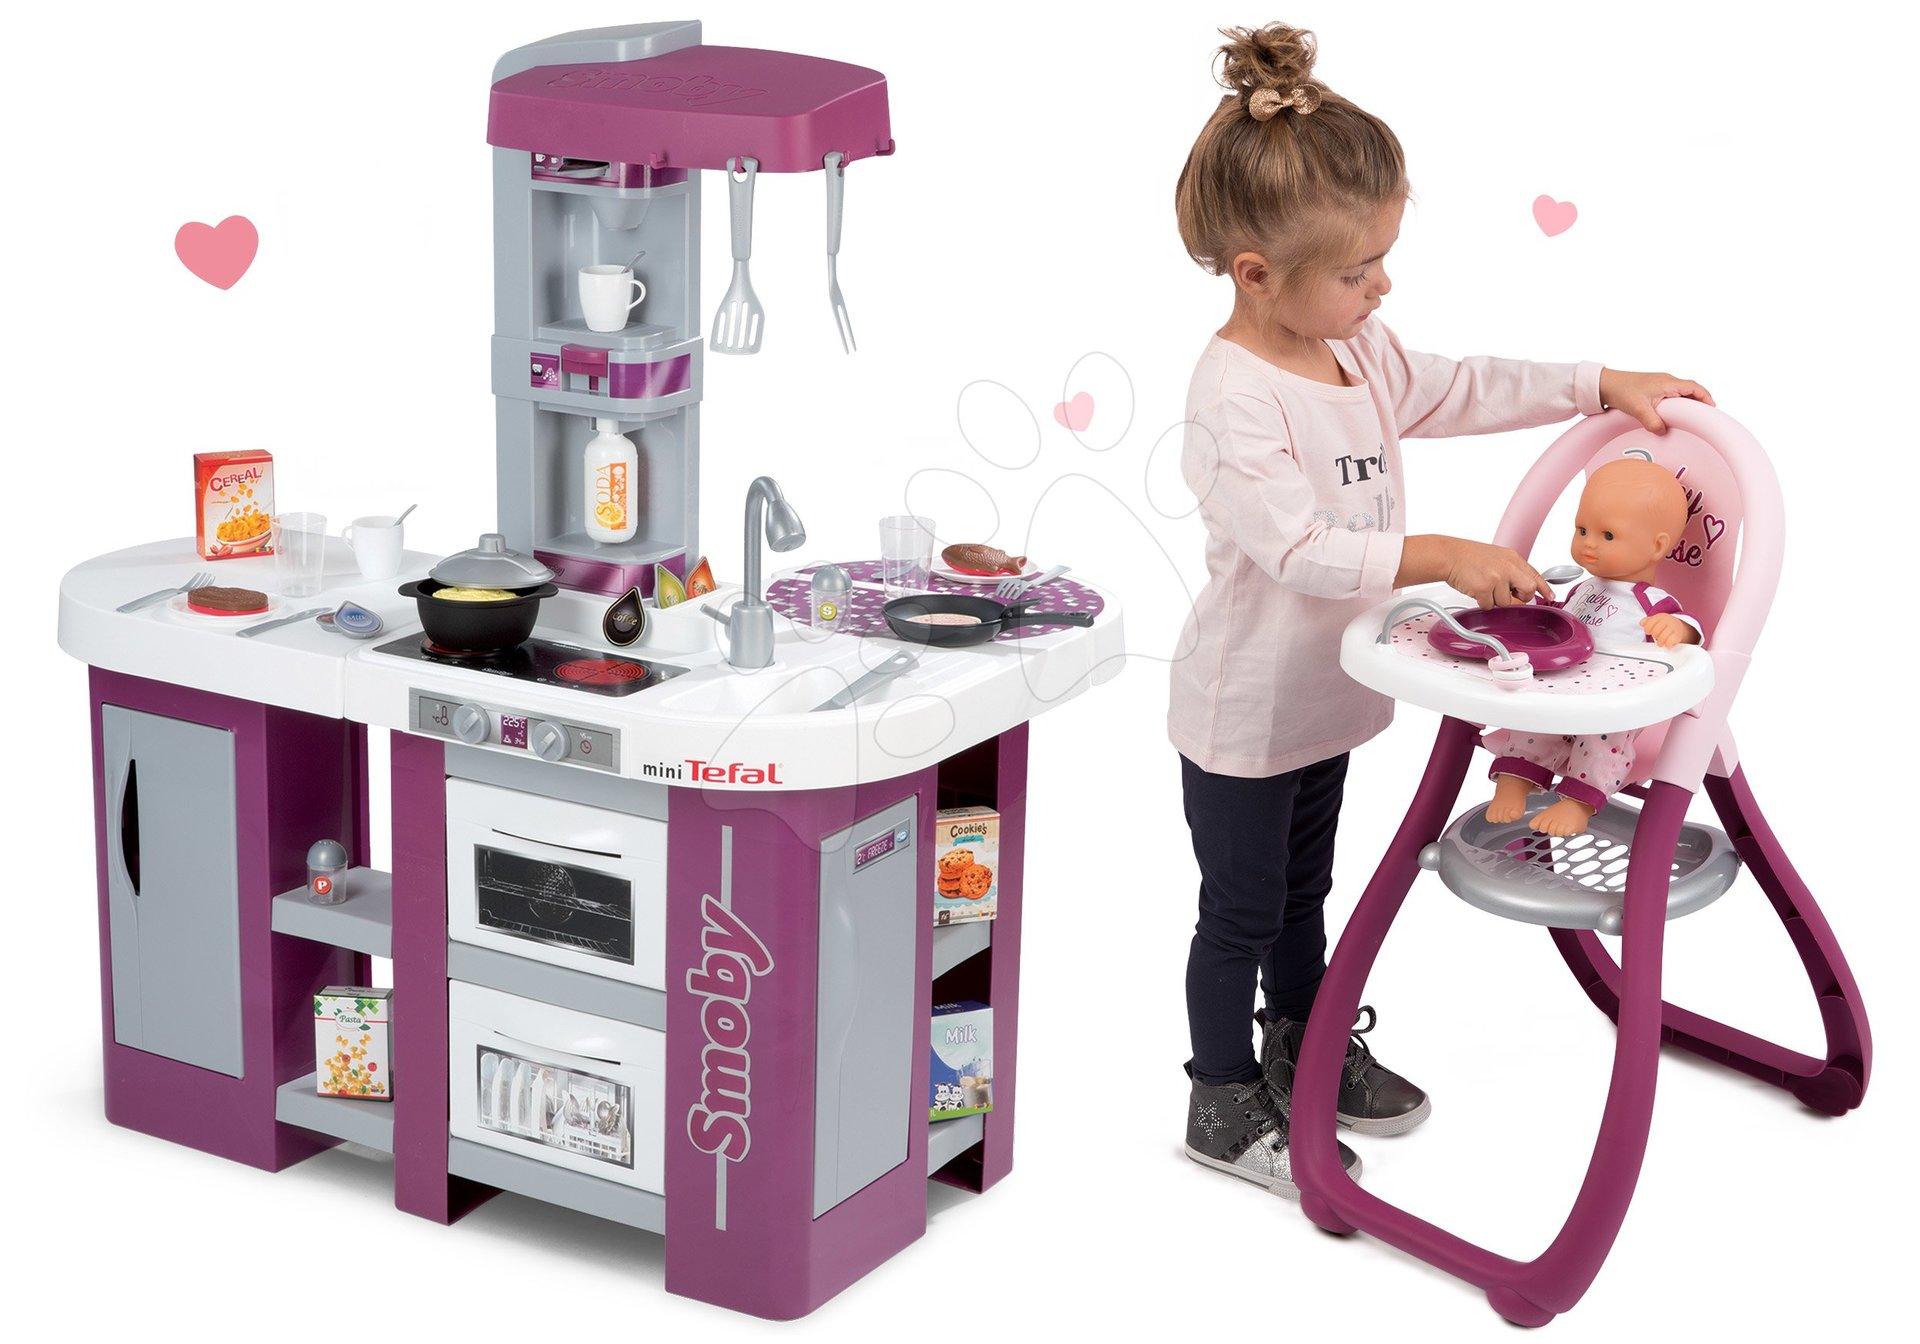 Smoby detská kuchynka Tefal Studio XL a jedálenská stolička Baby Nurse 311005-9